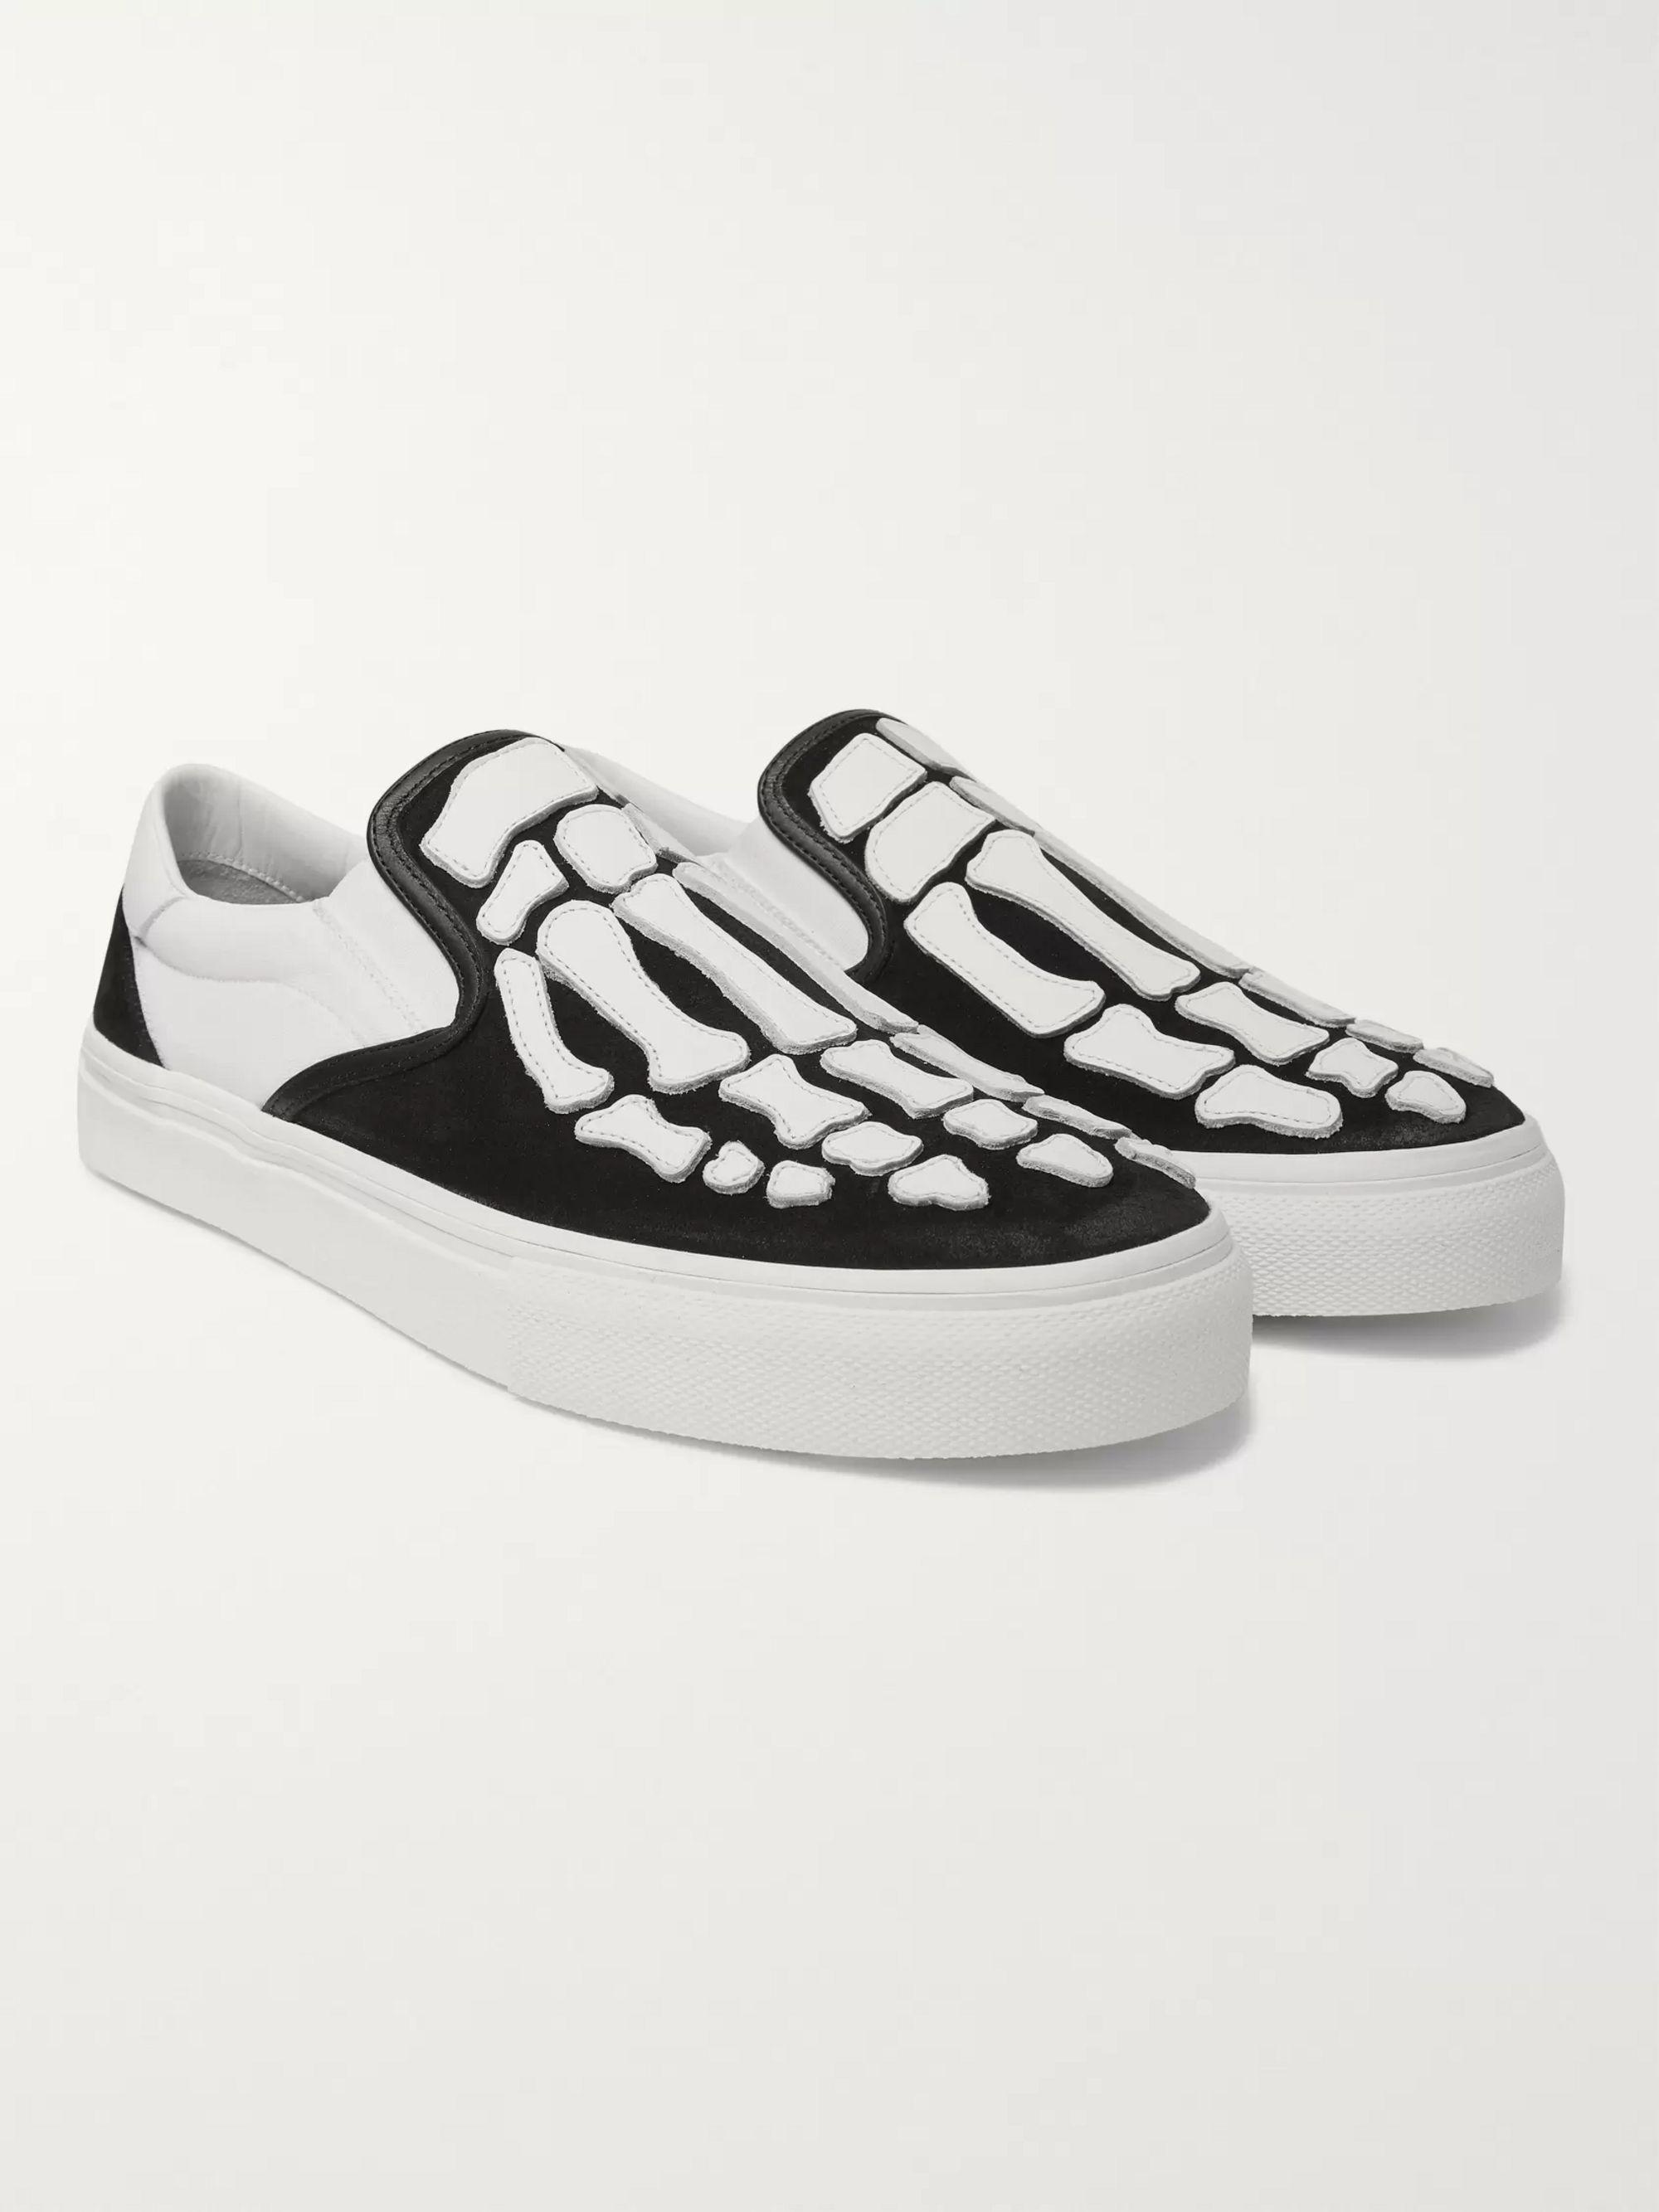 아미리 Amiri Skel Toe Leather-Appliqued Canvas and Suede Slip-On Sneakers,Black